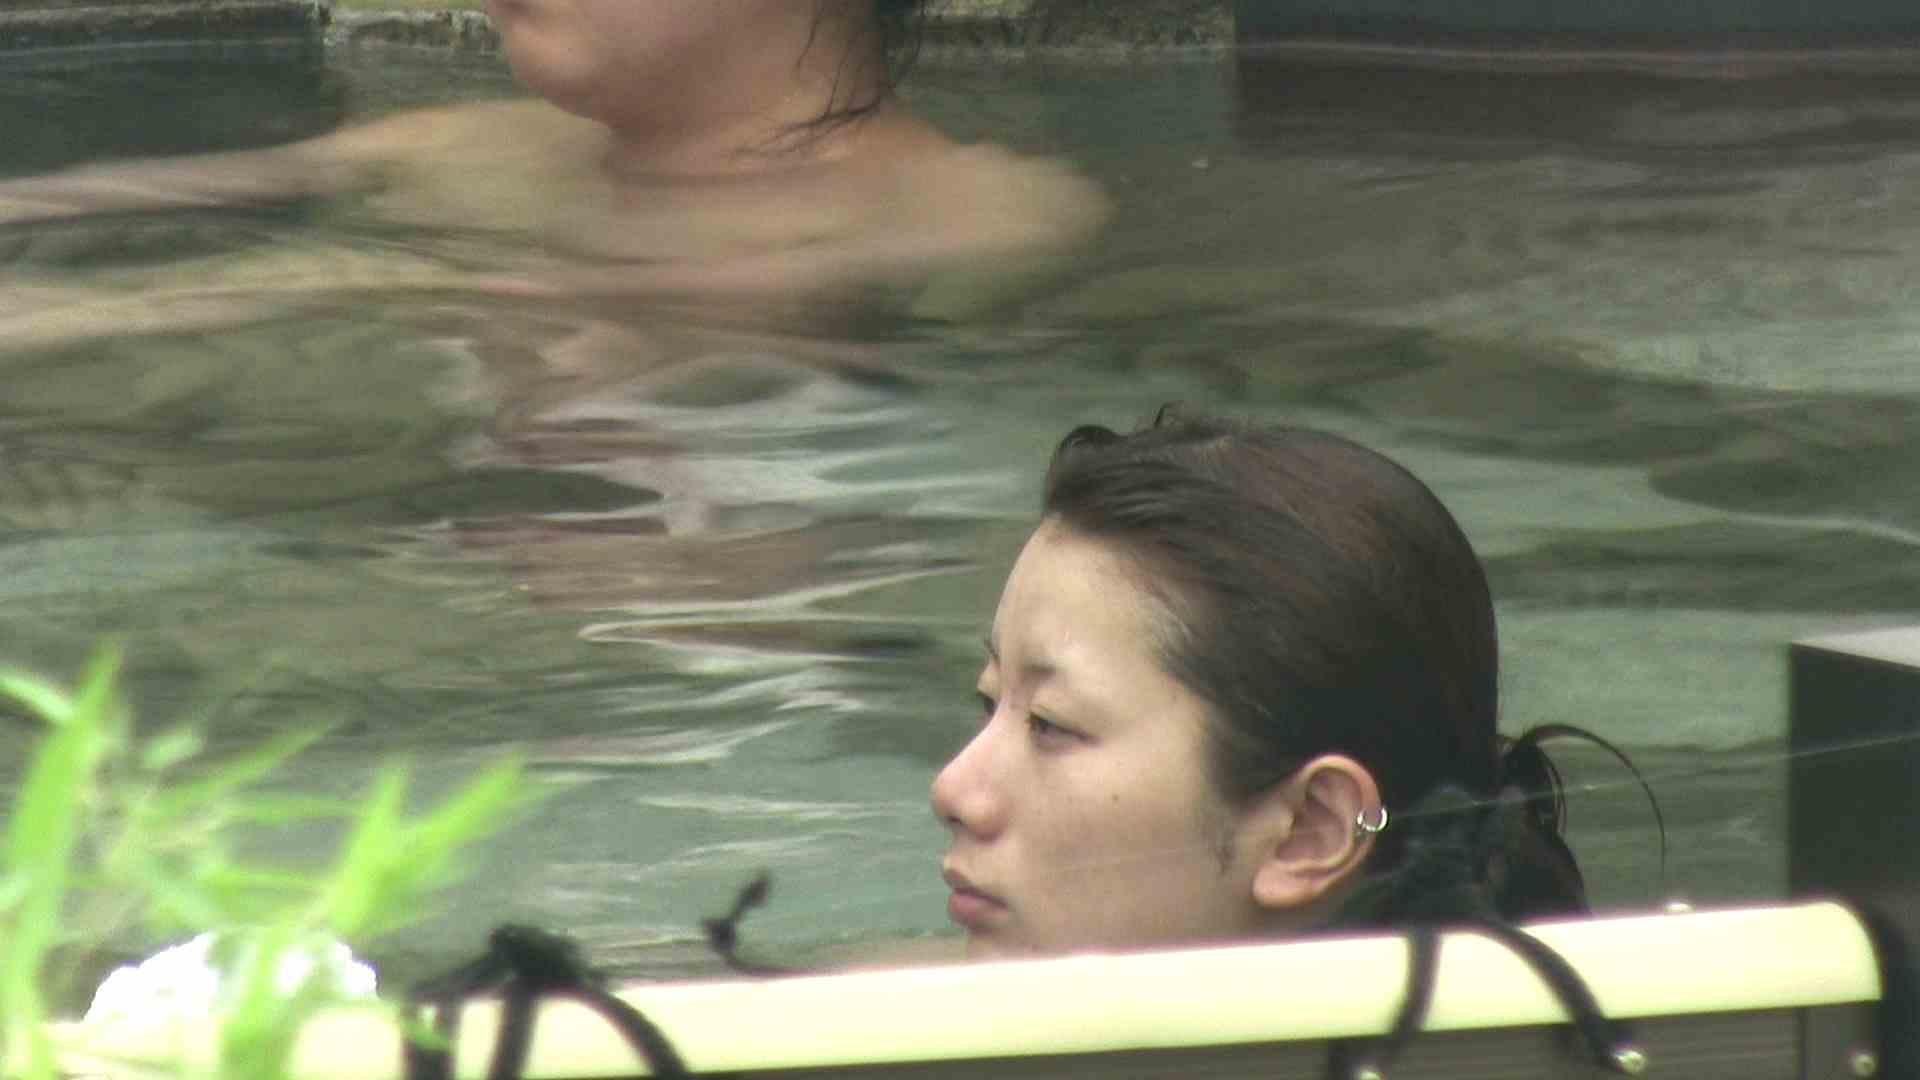 Aquaな露天風呂Vol.19【VIP】 美しいOLの裸体   盗撮師作品  106pic 58